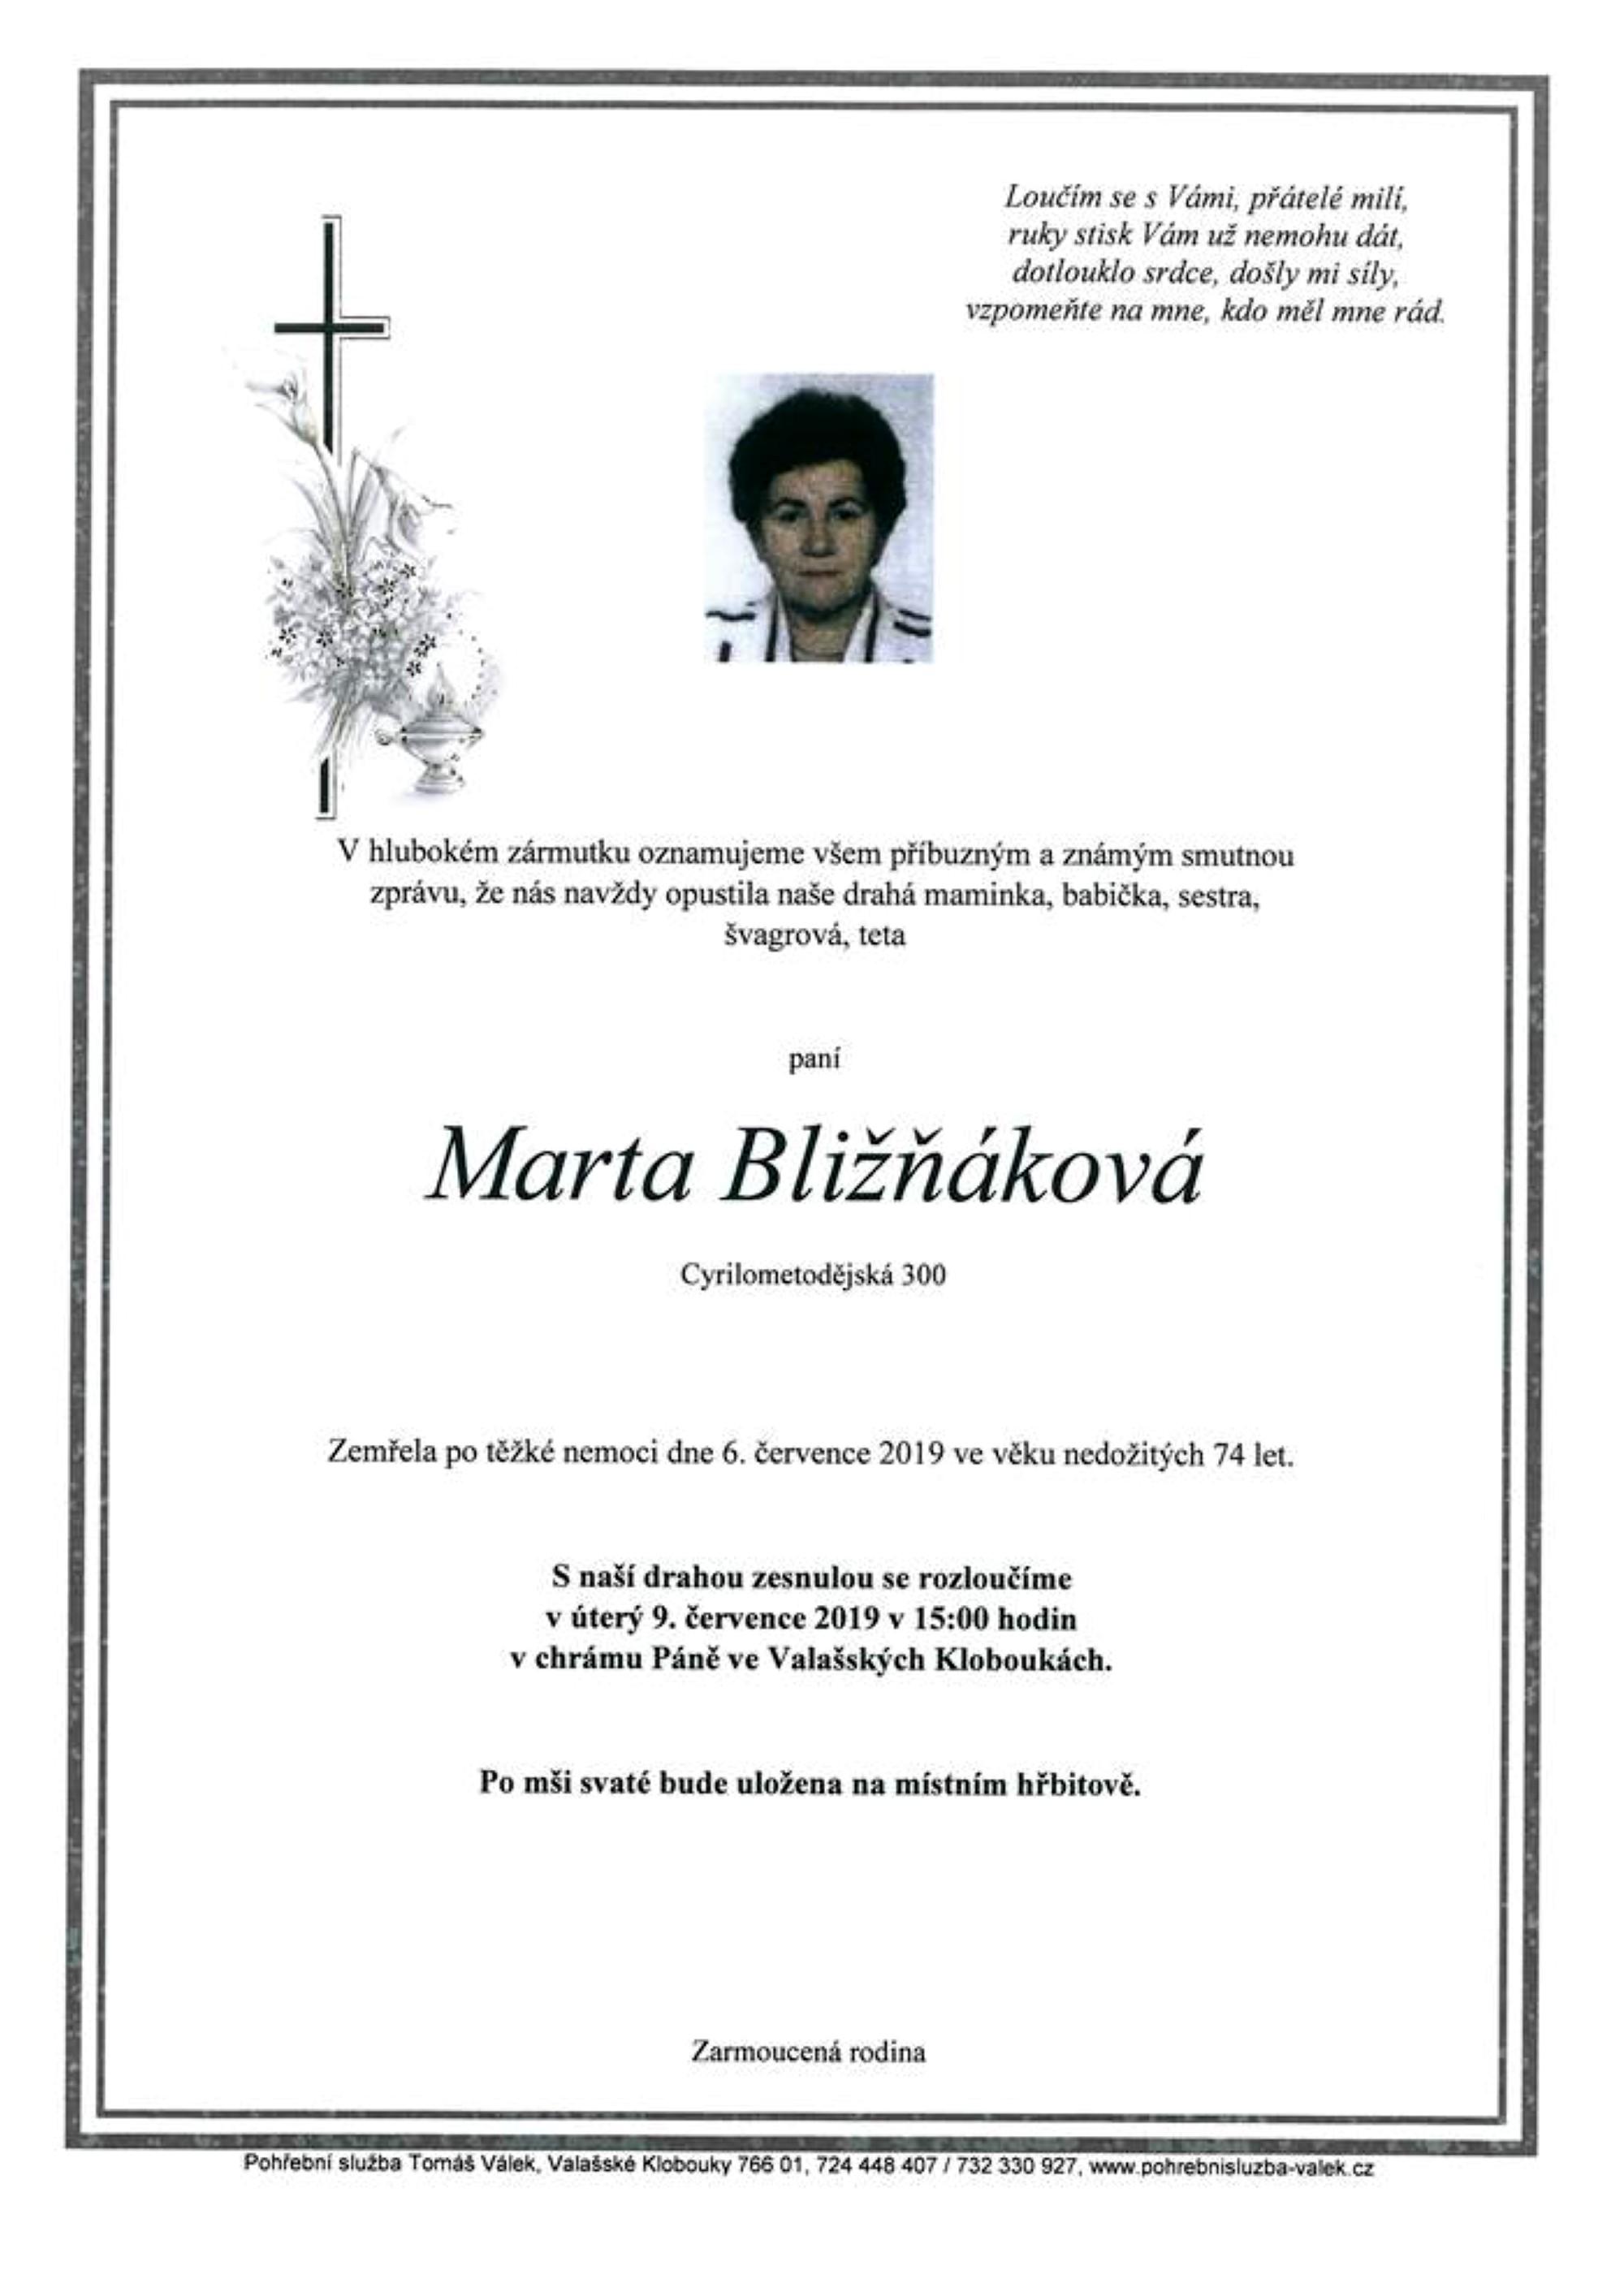 Marta Bližňáková